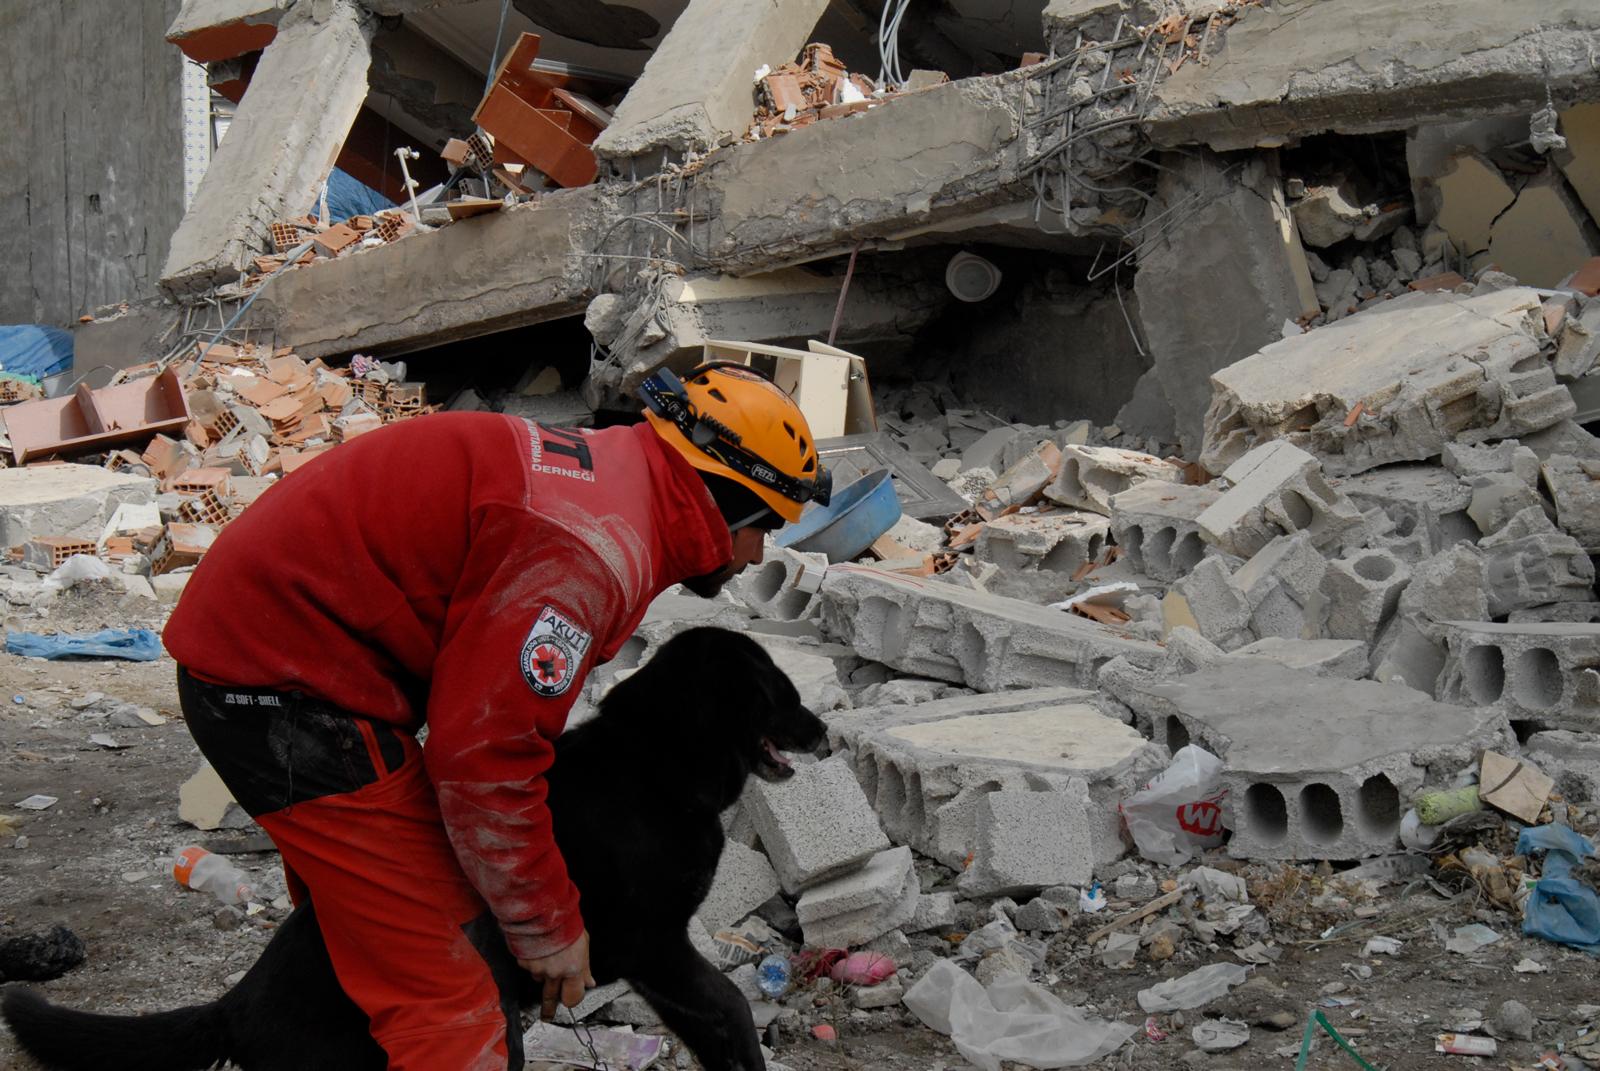 La heroica y delicada situación de los animales en catástrofes